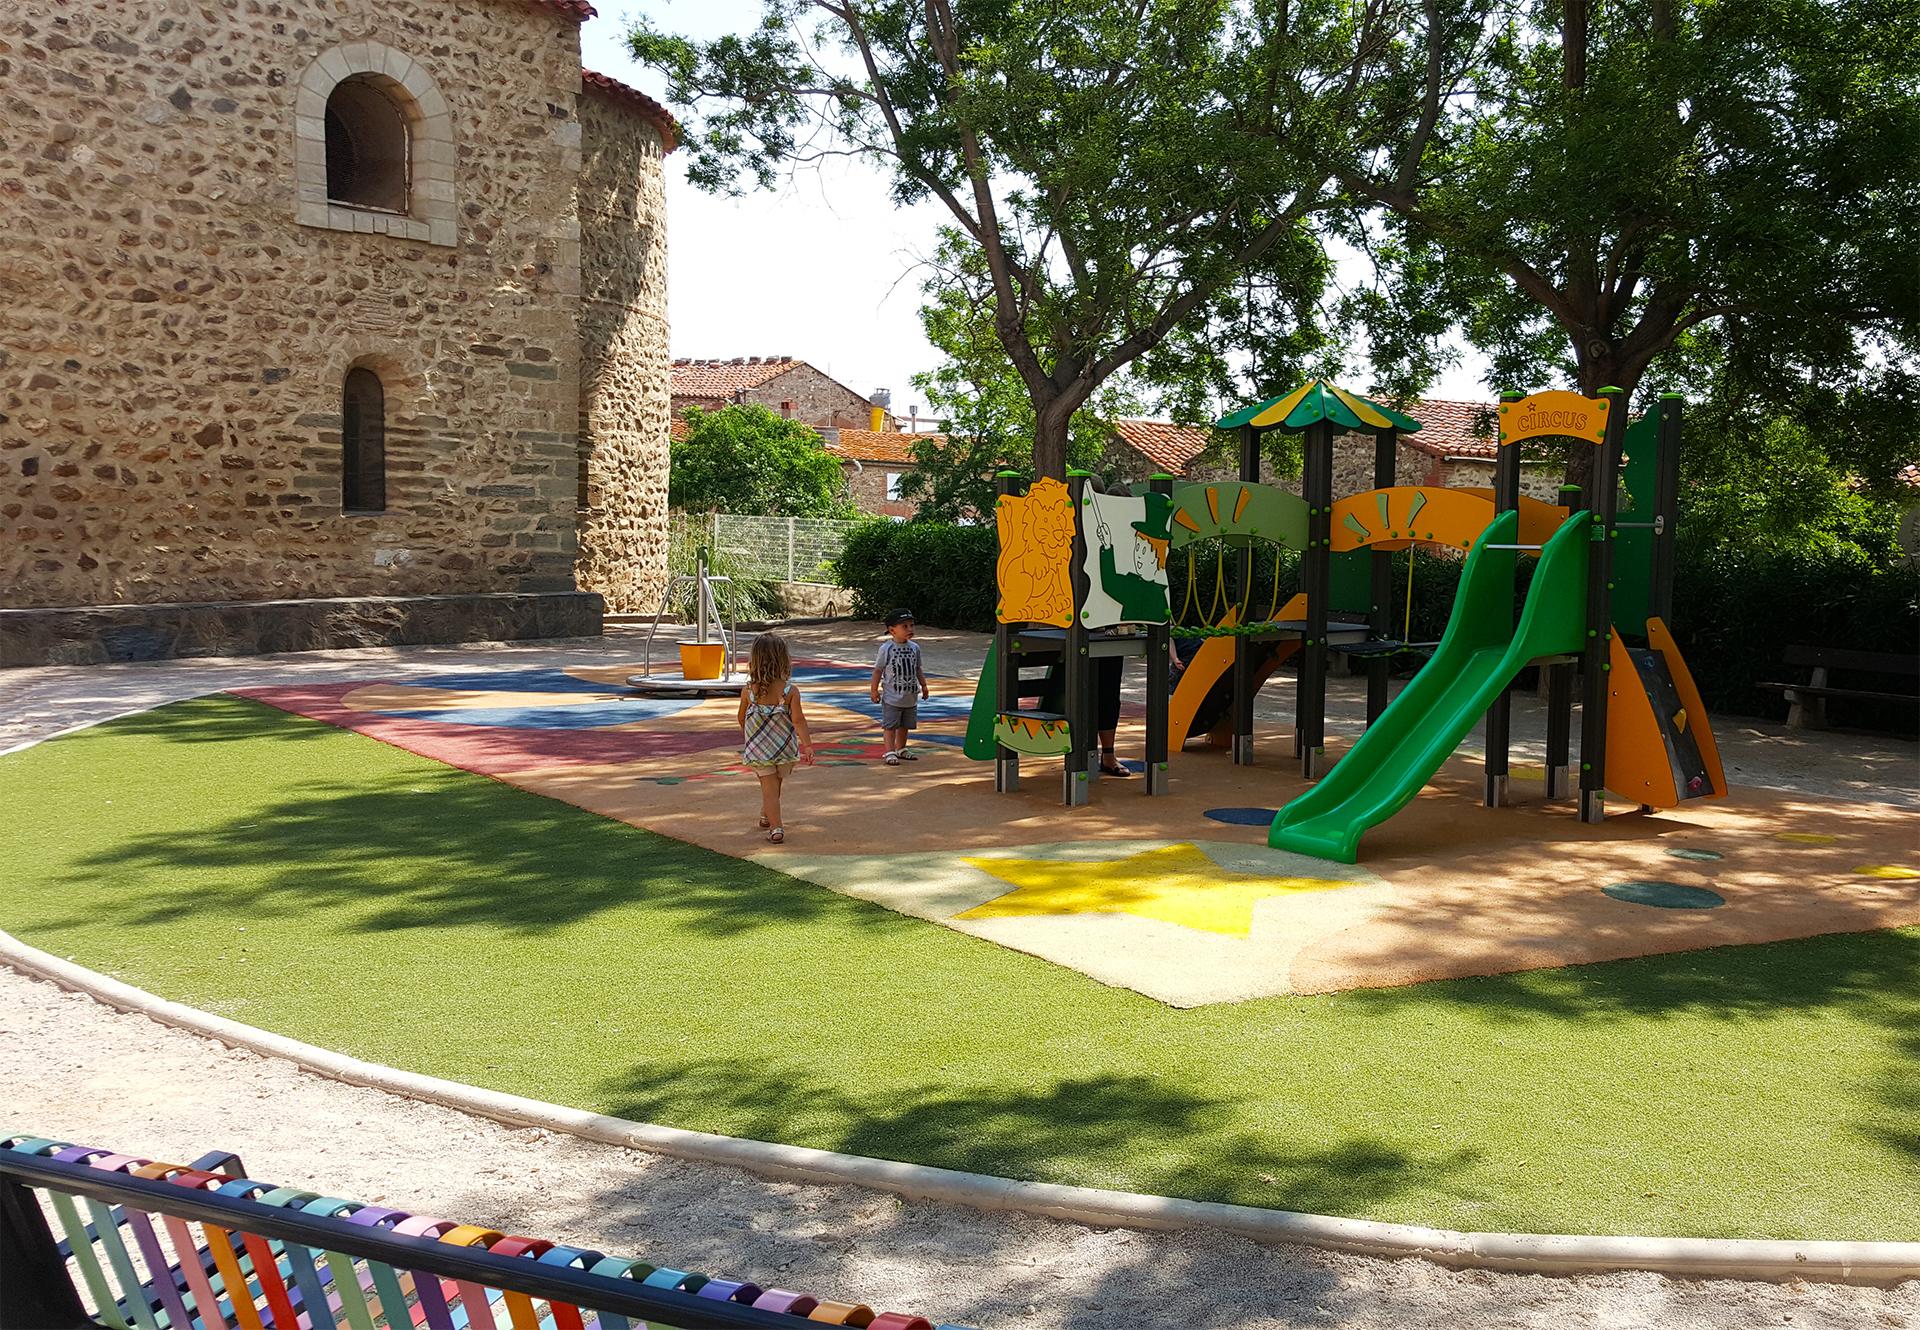 aire de jeux et des enfants